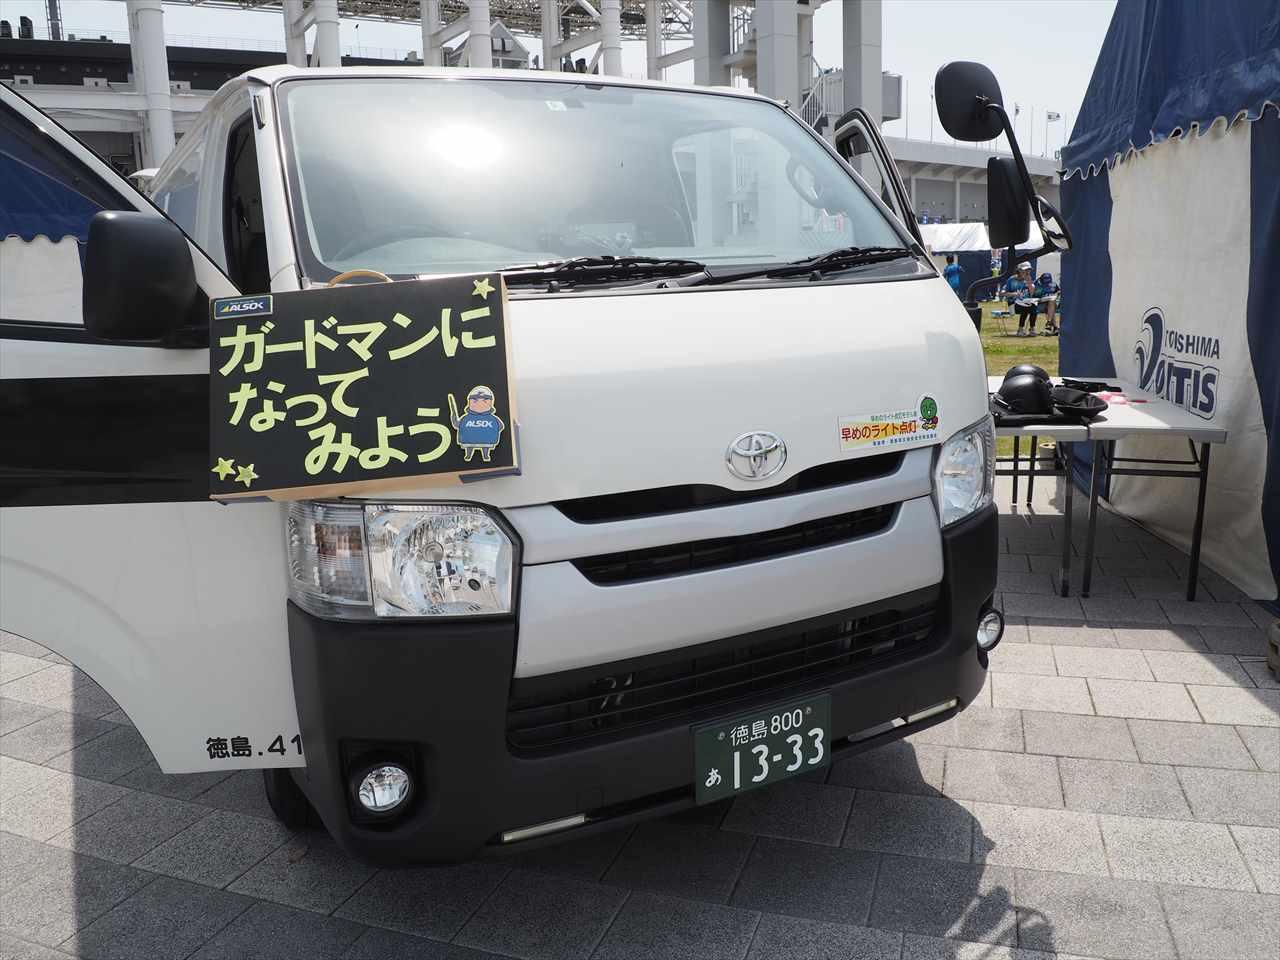 2019年5月5日 徳島ヴォルティス 栃木SC 働くクルマ大集合 ALSOK